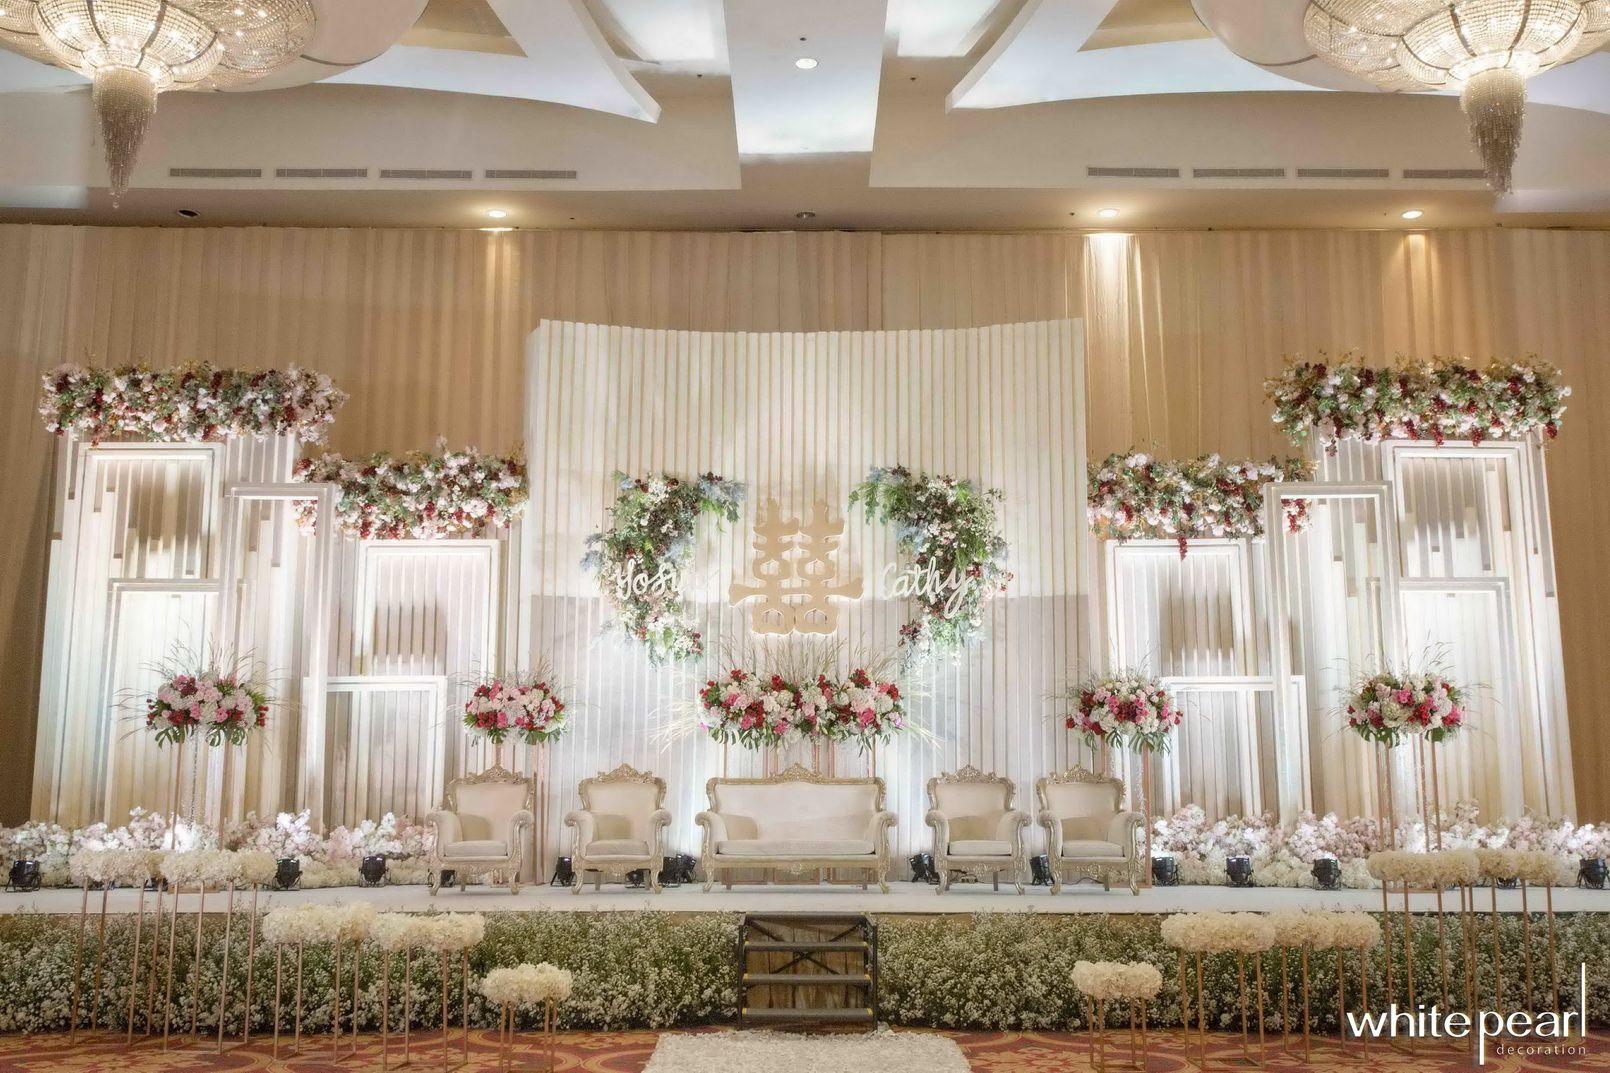 Dekorasi Pernikahan Warna Gold Dan Putih Cek Bahan Bangunan Dekorasi pelaminan putih gold